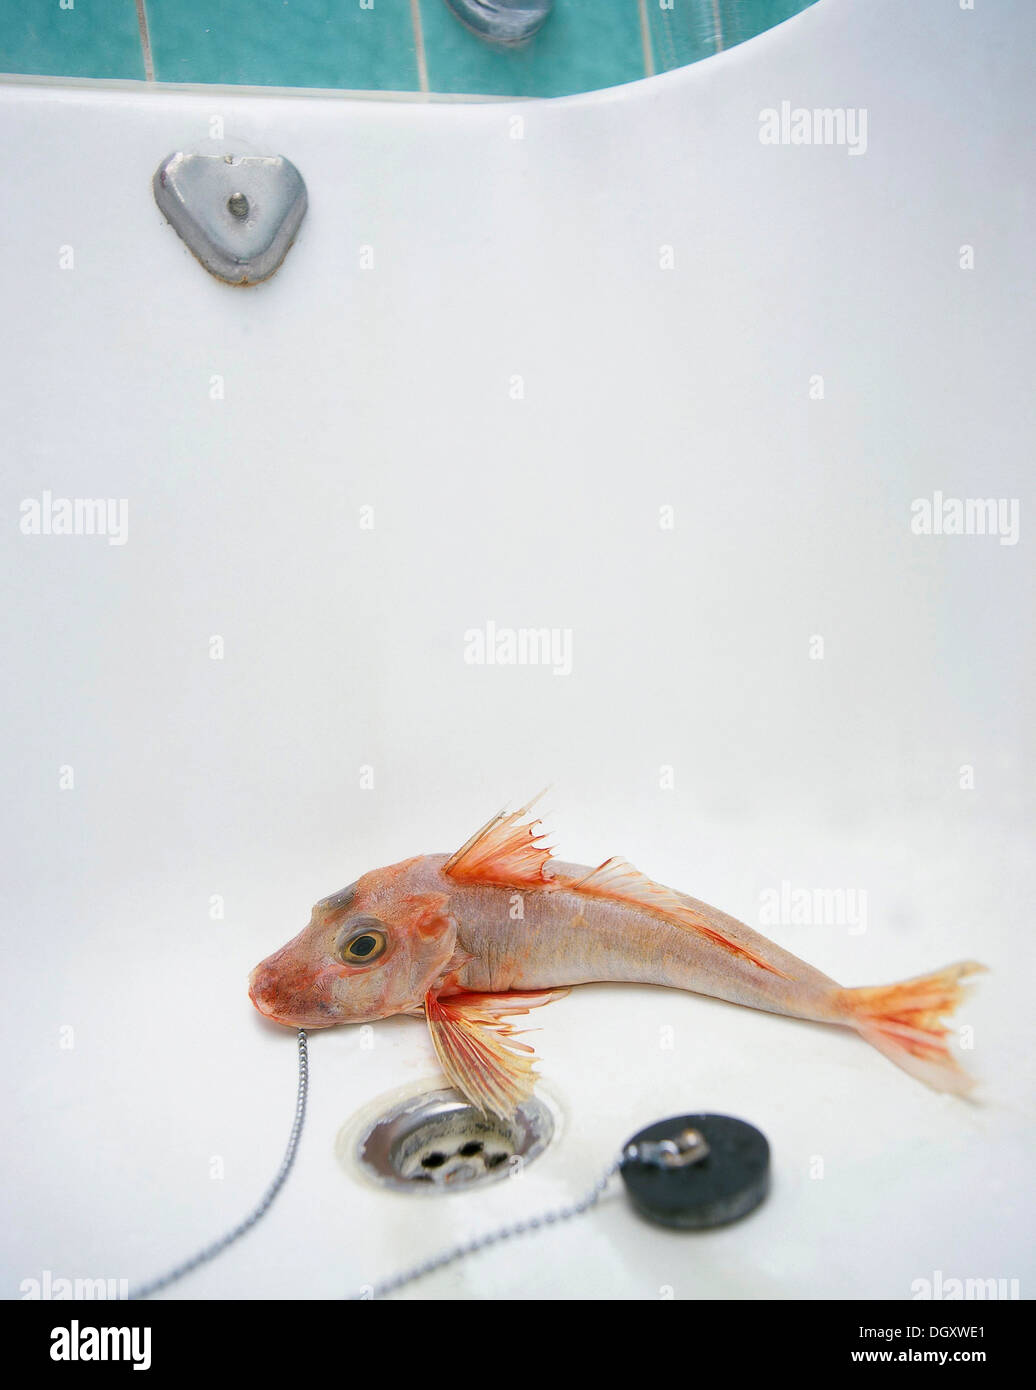 Sea Robin oder Knurrhahn mit einem gezogenen Stecker in eine leere Badewanne Stockbild